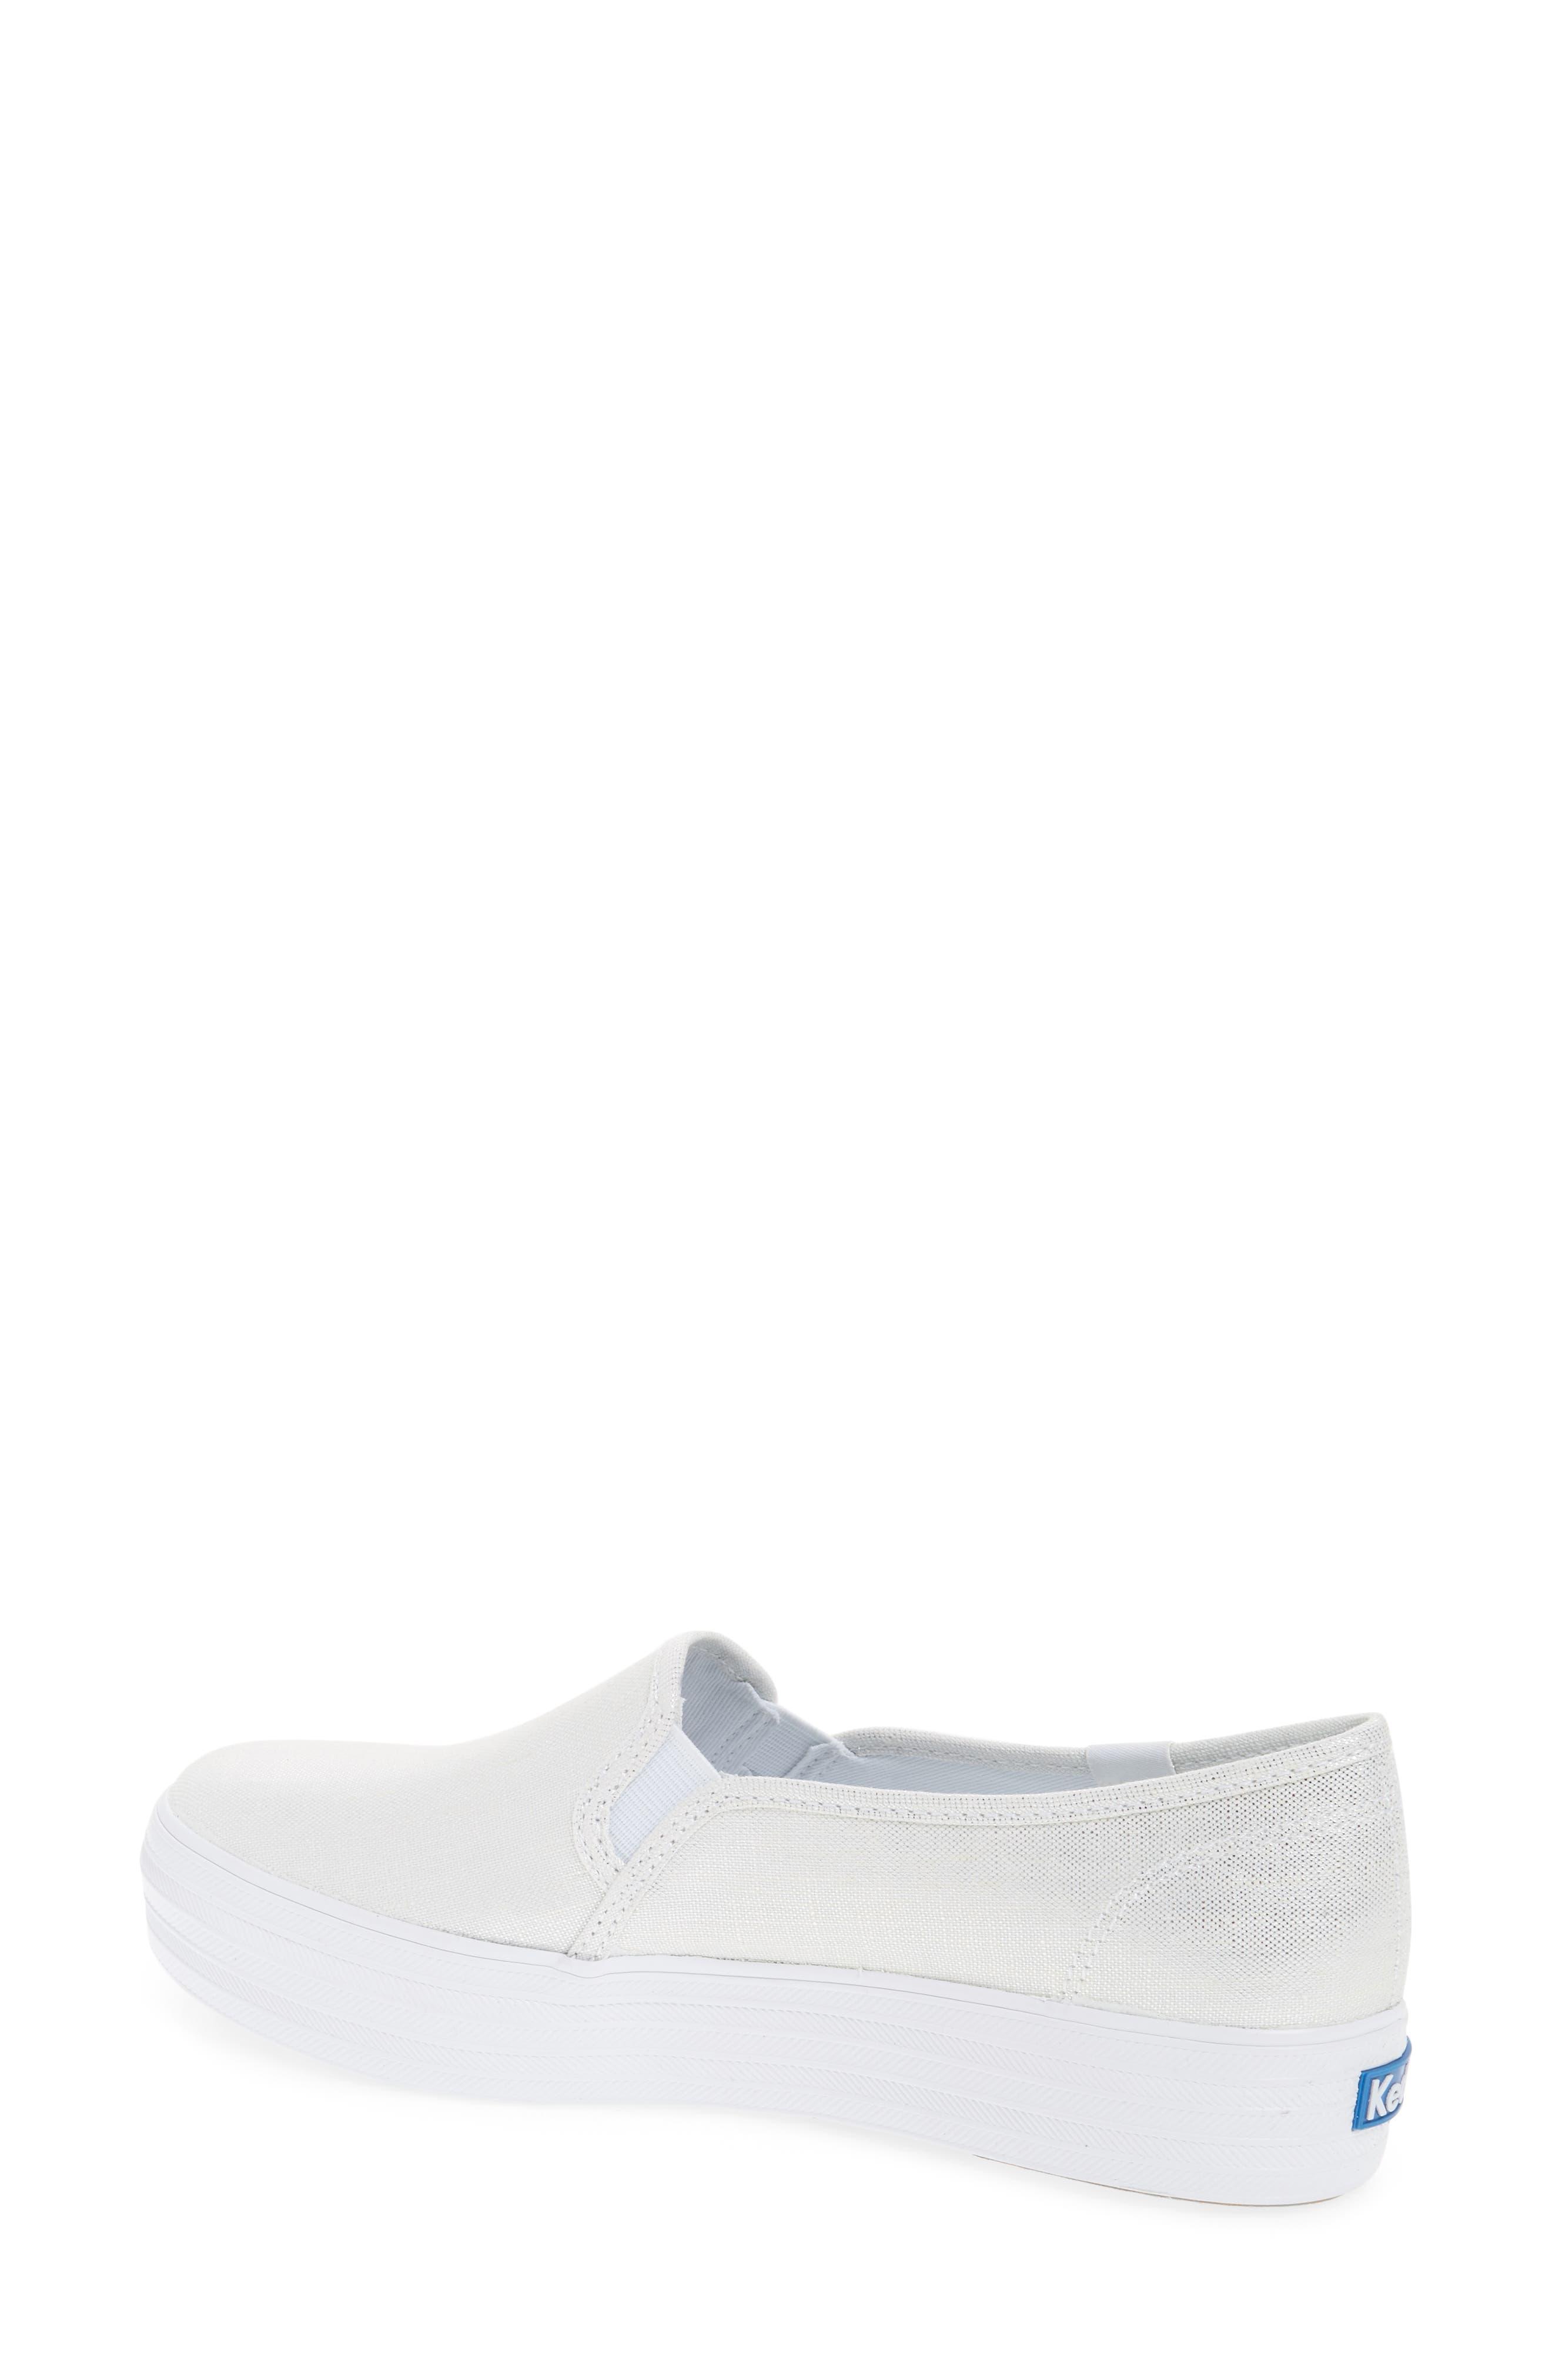 Triple Decker Metallic Linen Slip-On Sneaker,                             Alternate thumbnail 3, color,